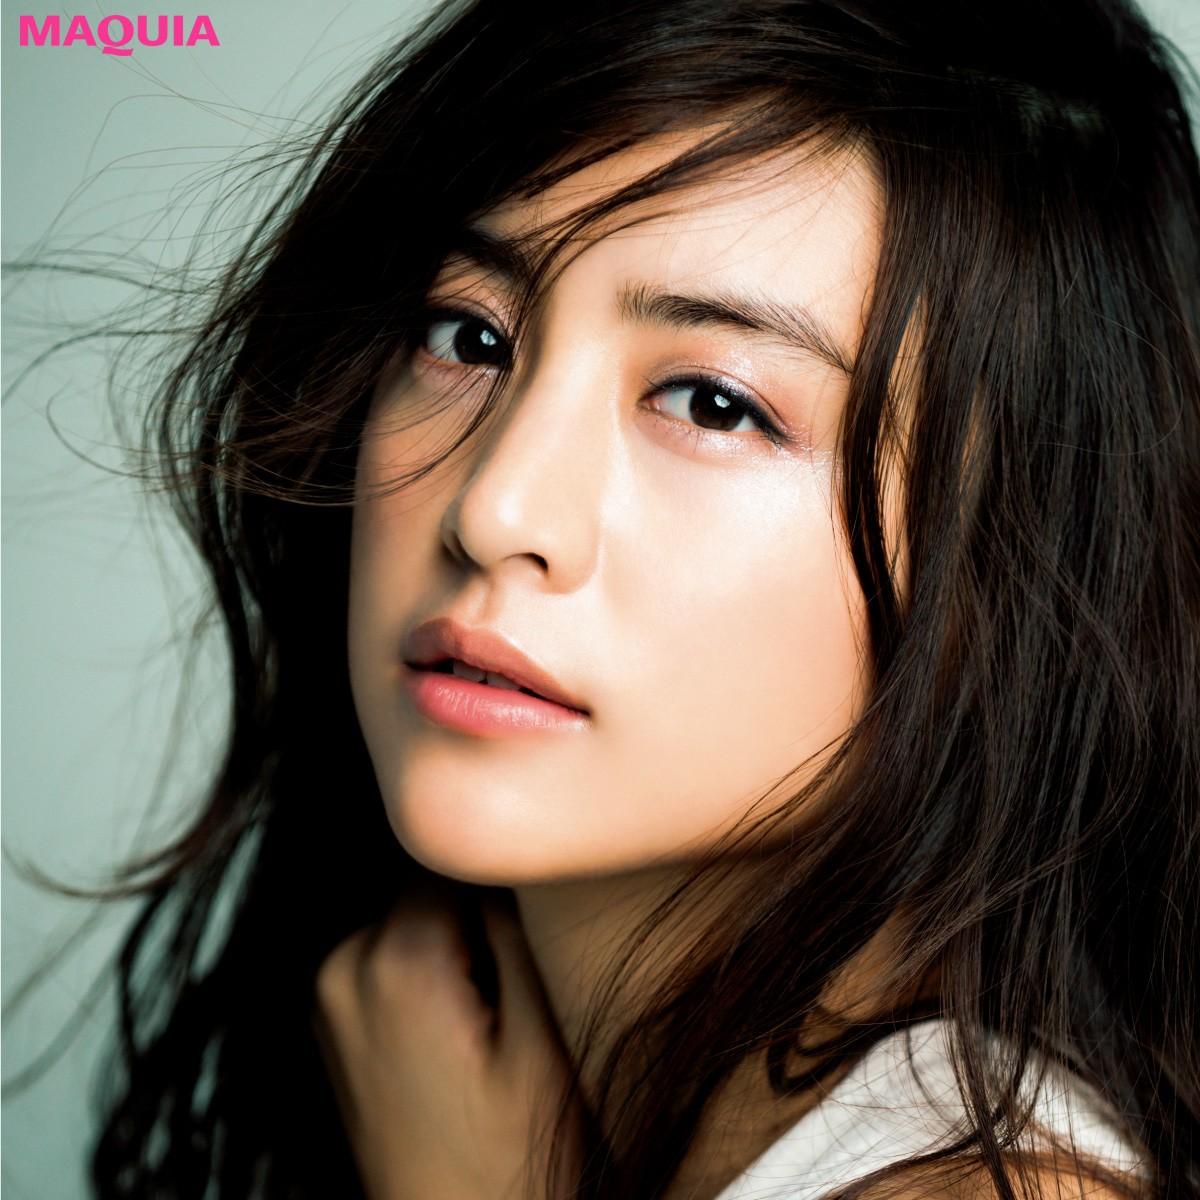 夏色で魅せる山本美月さんの新たな一面「清く正しく美しい大人」